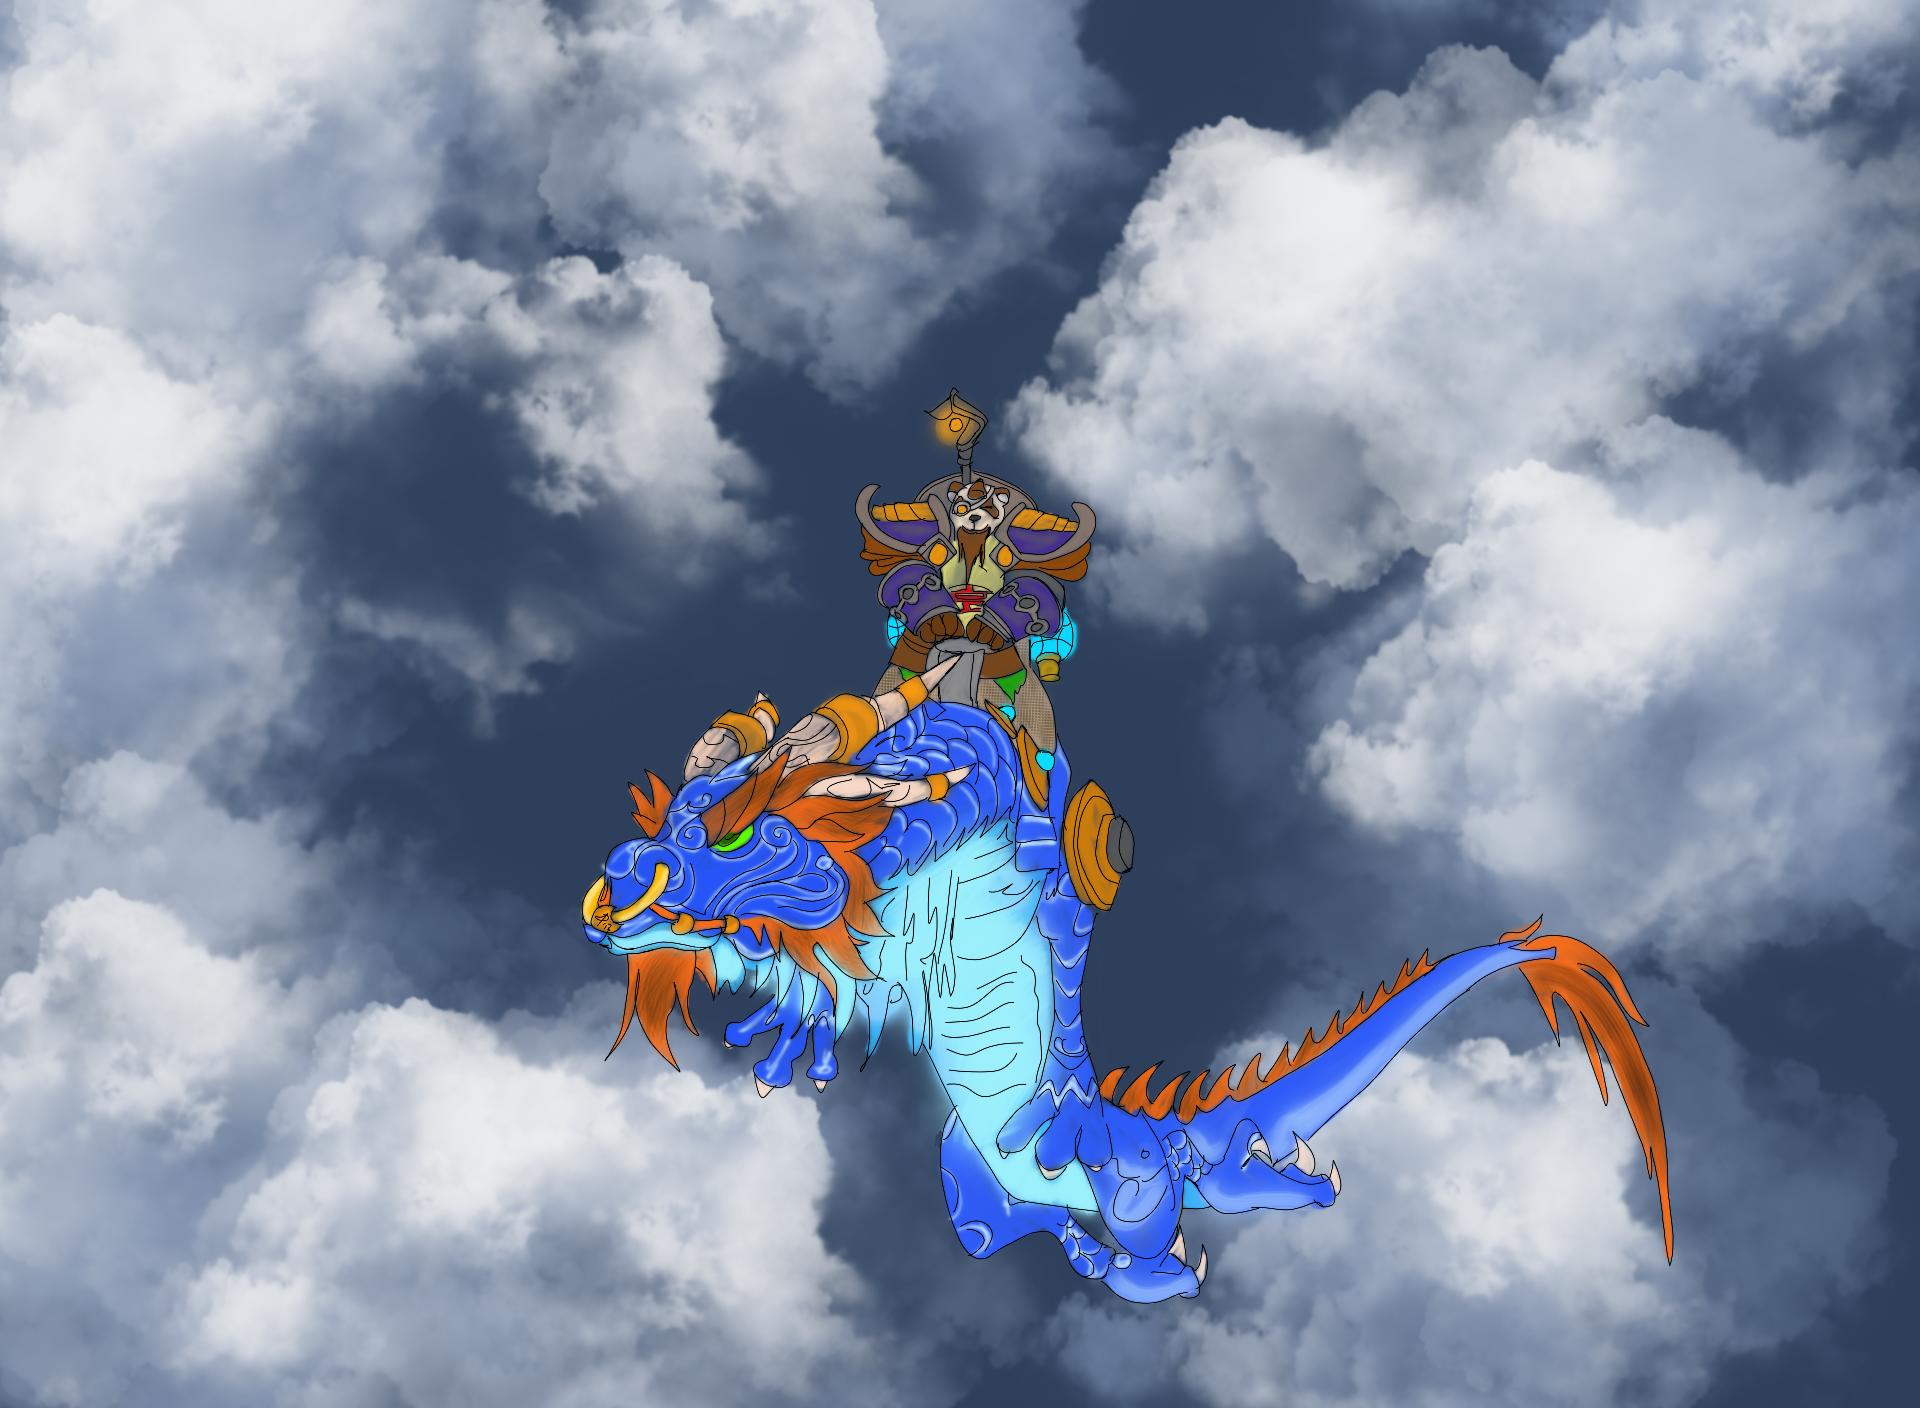 Lodur on a Dragon